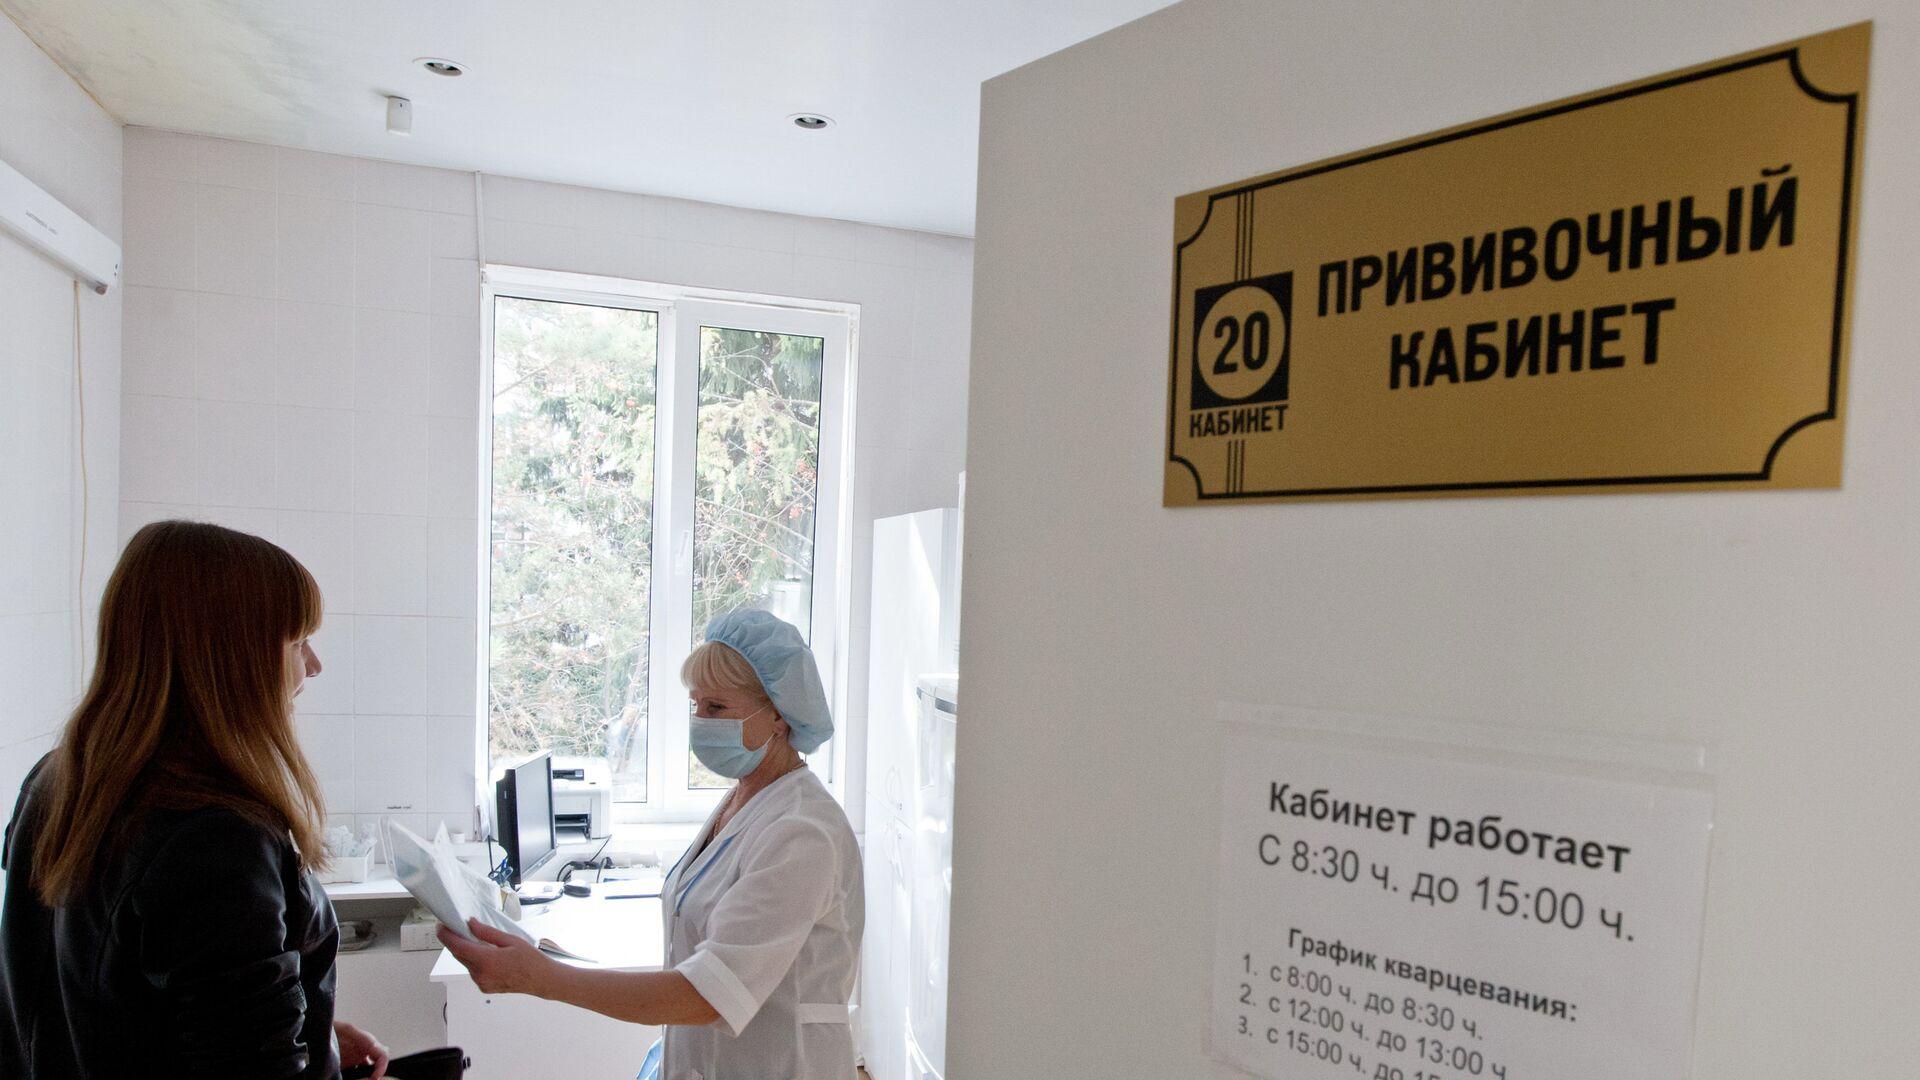 Вакцинация в одной из поликлиник  - Sputnik Беларусь, 1920, 16.09.2021